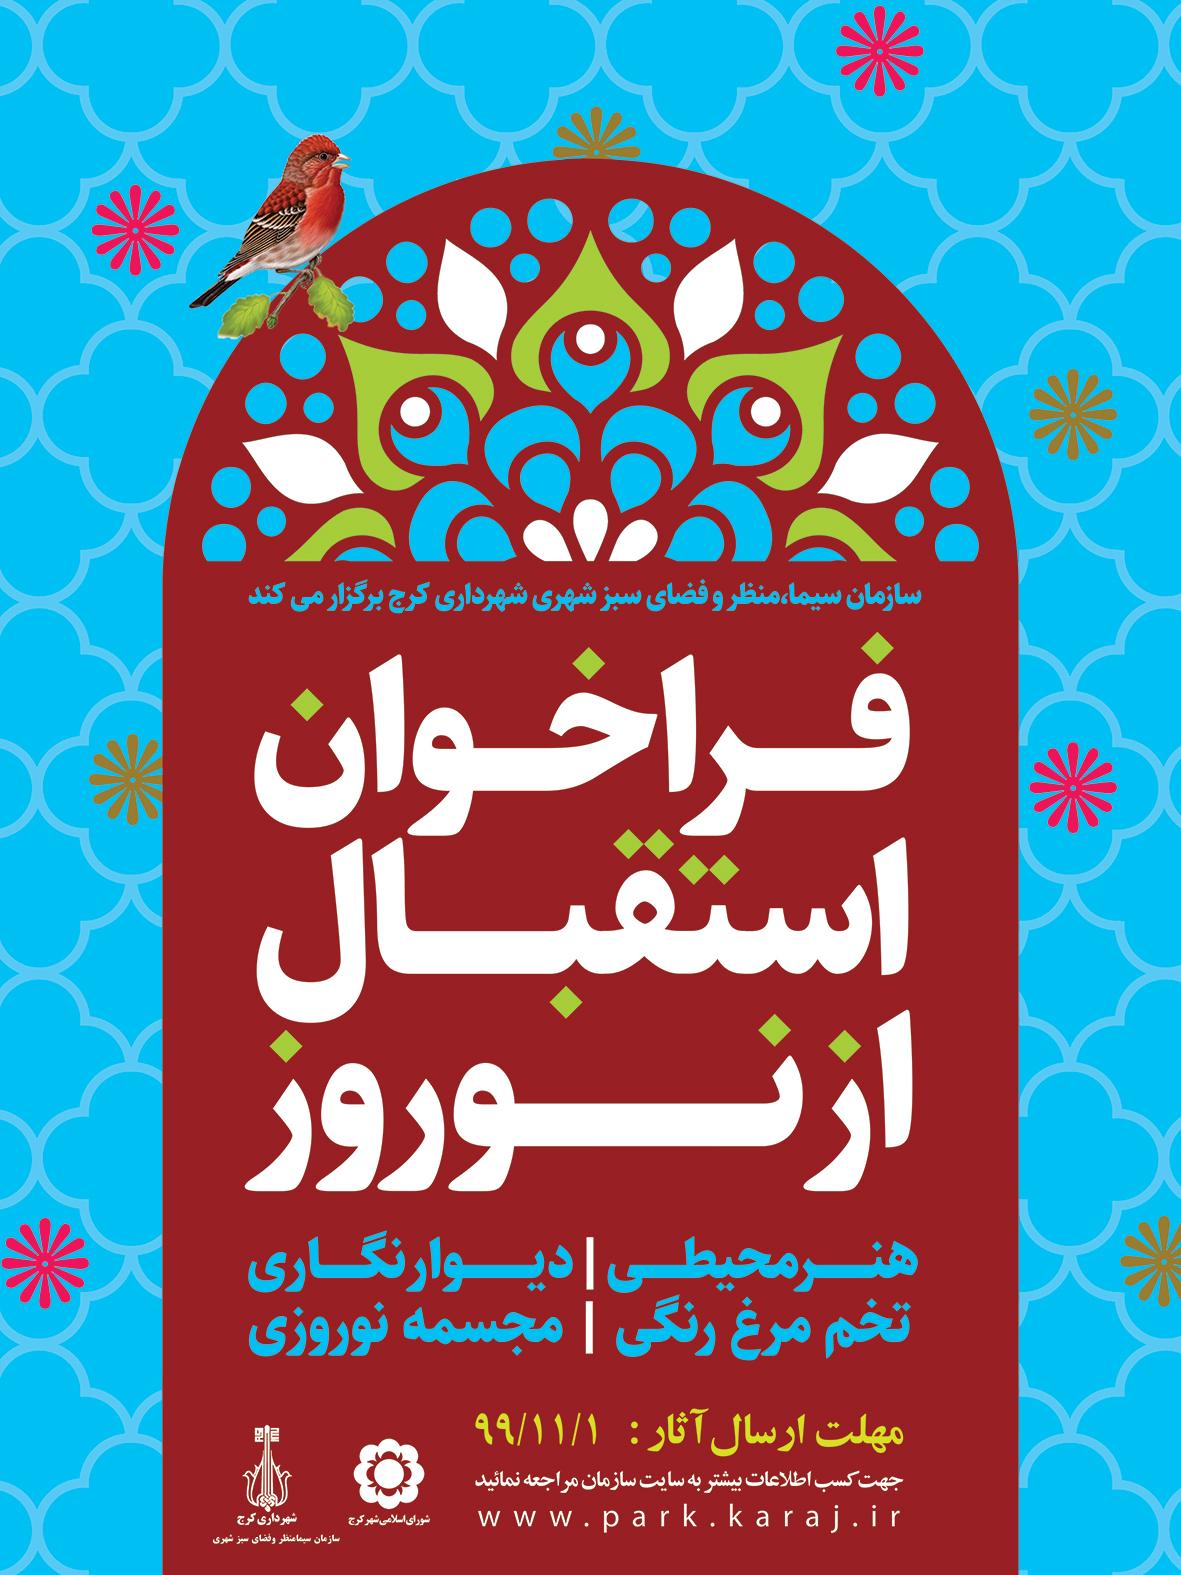 فراخوان-جشنواره-استقبال-از-نوروز-۱۴۰۰-منتشر-شد